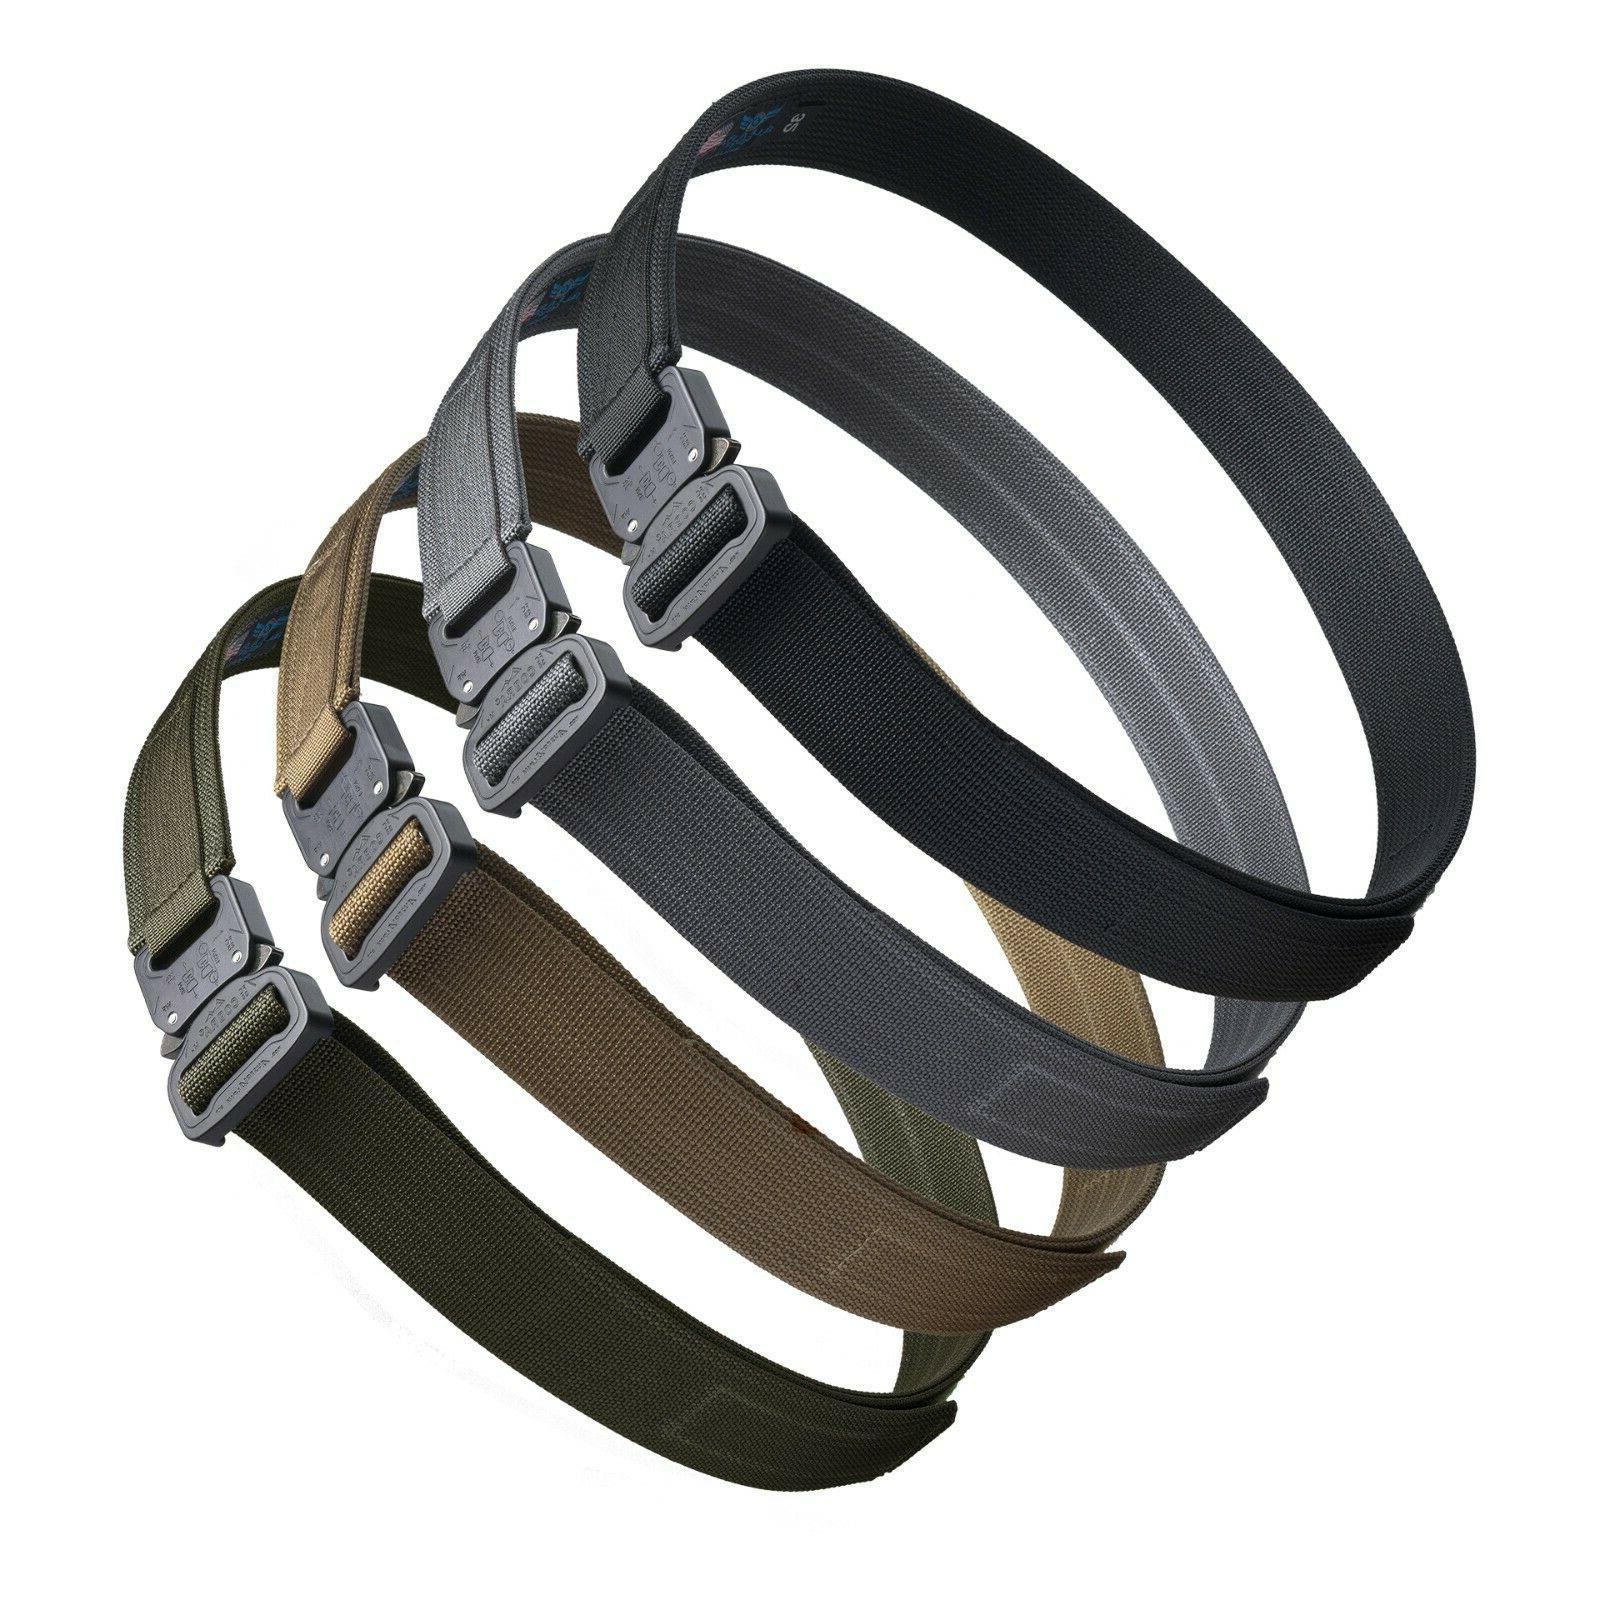 1 5 hybrid cobra edc belt